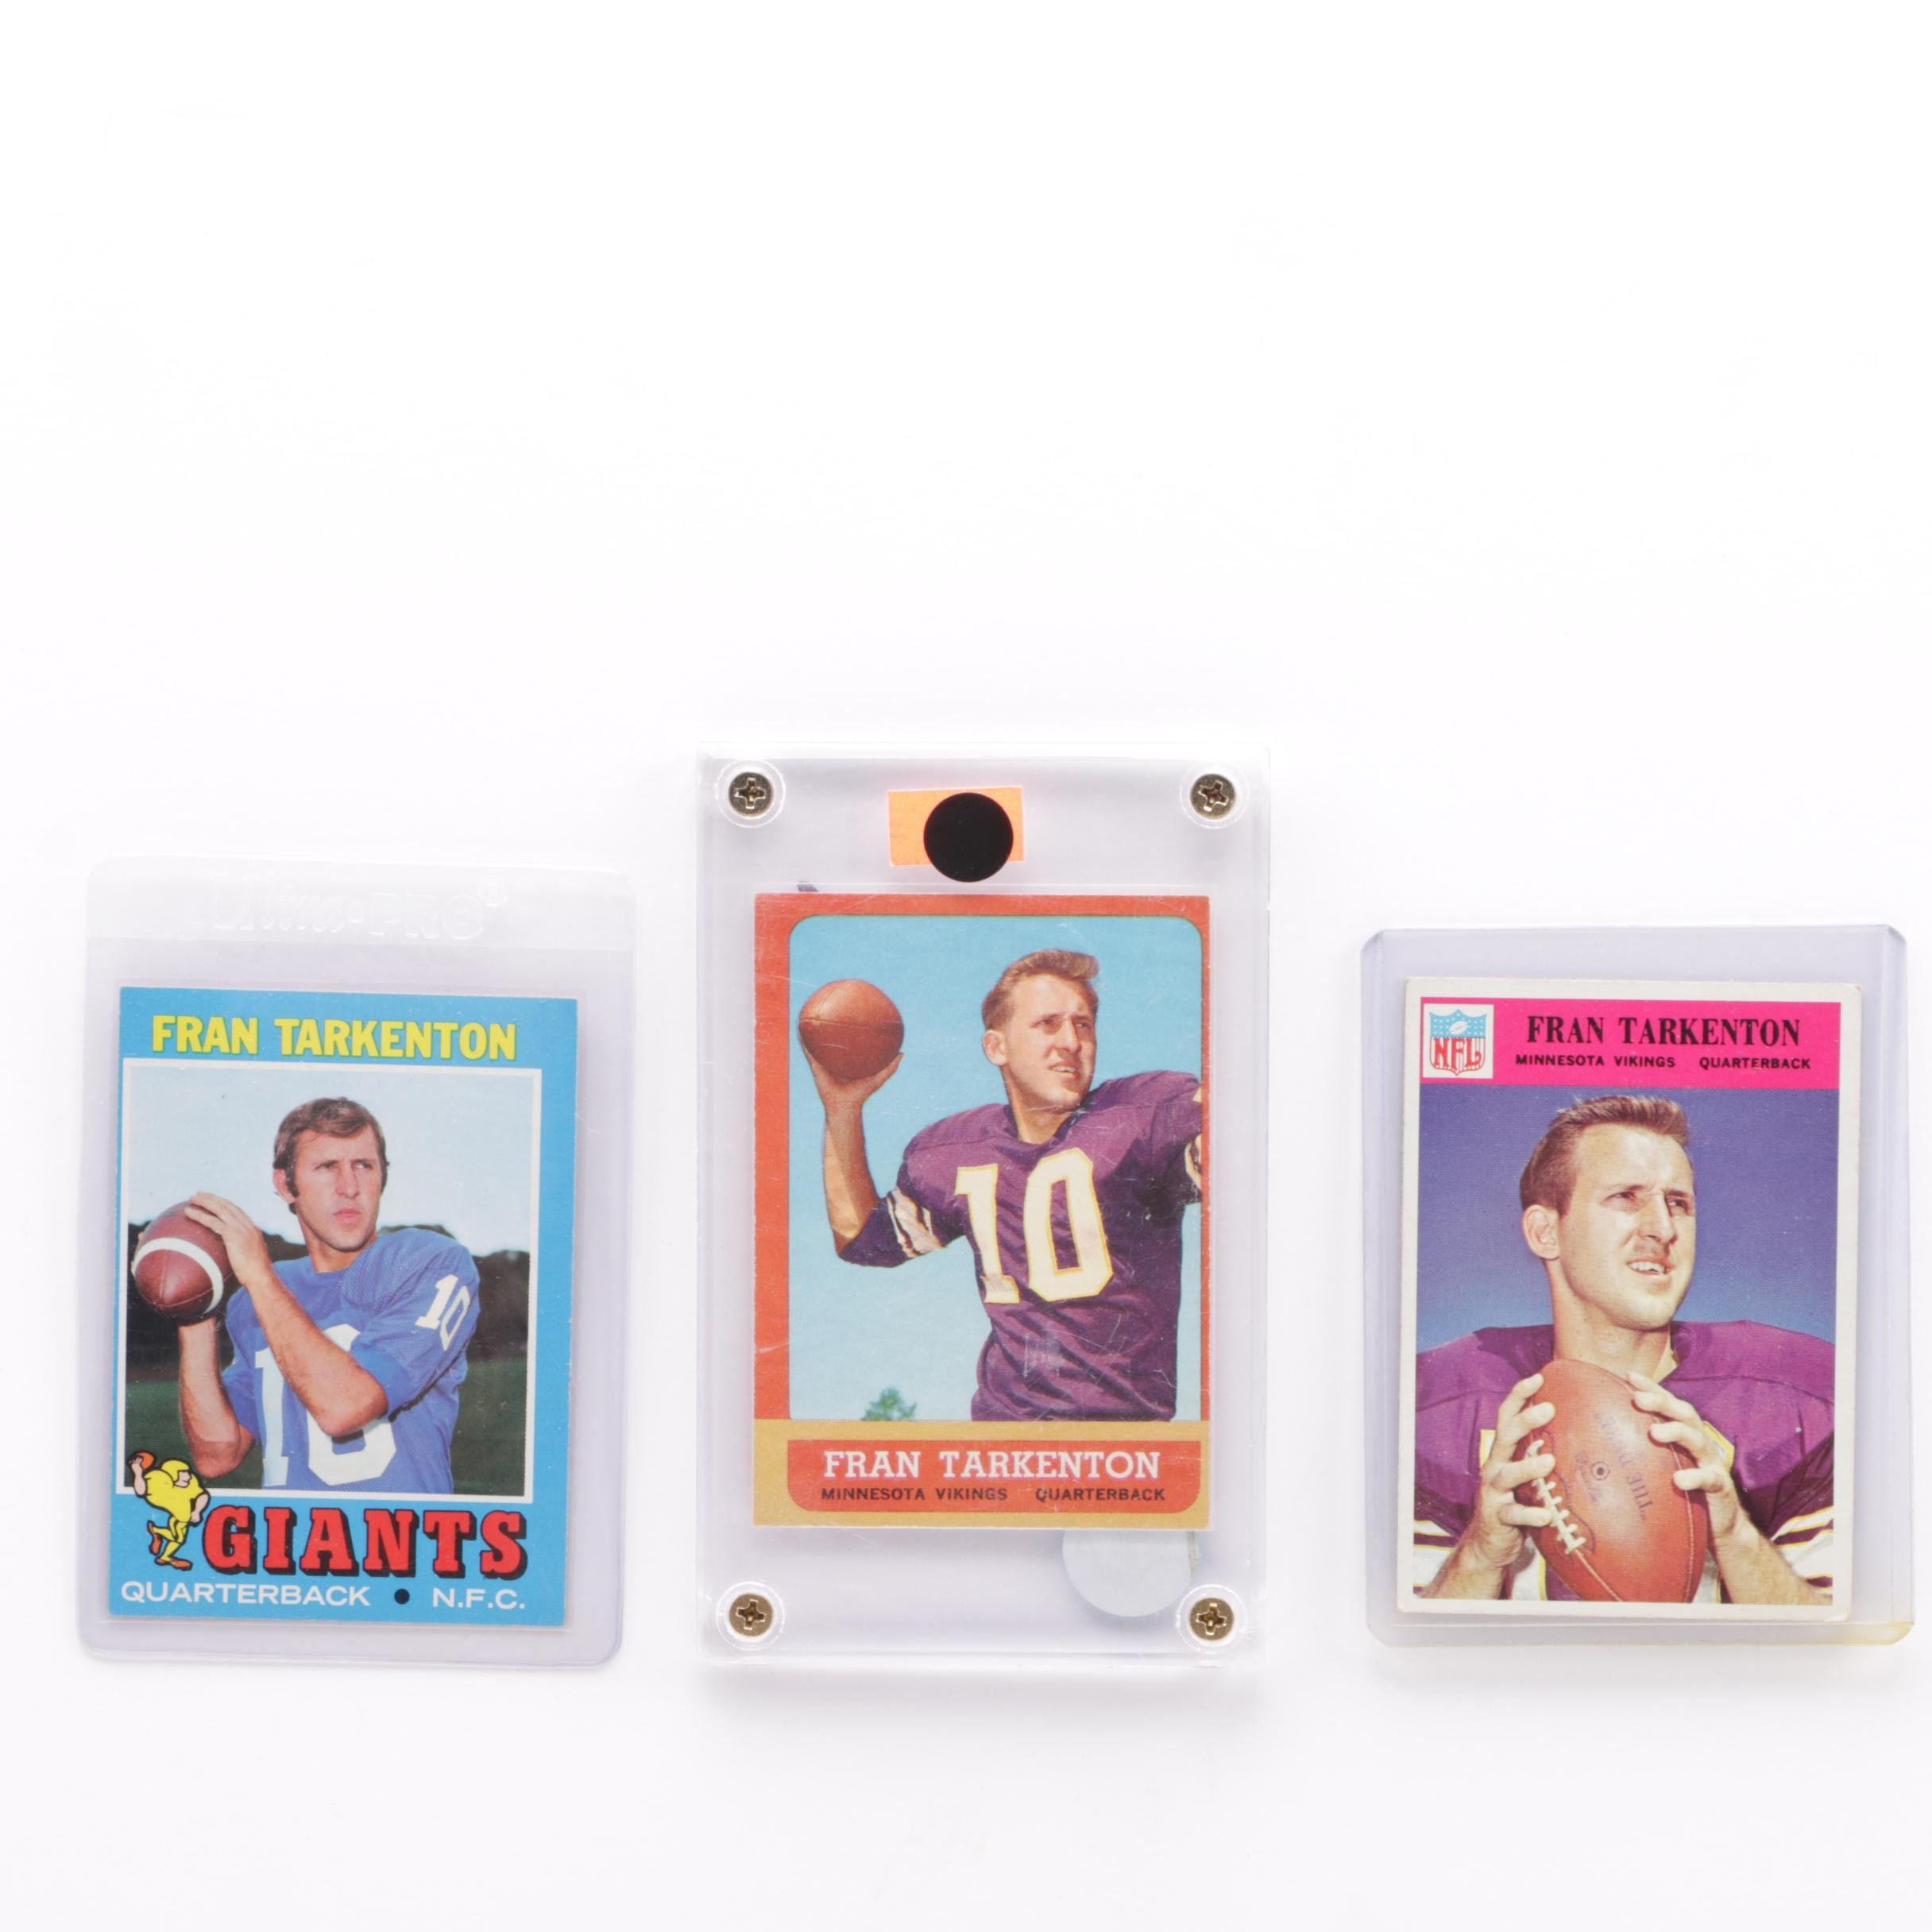 Fran Tarkenton Football Cards